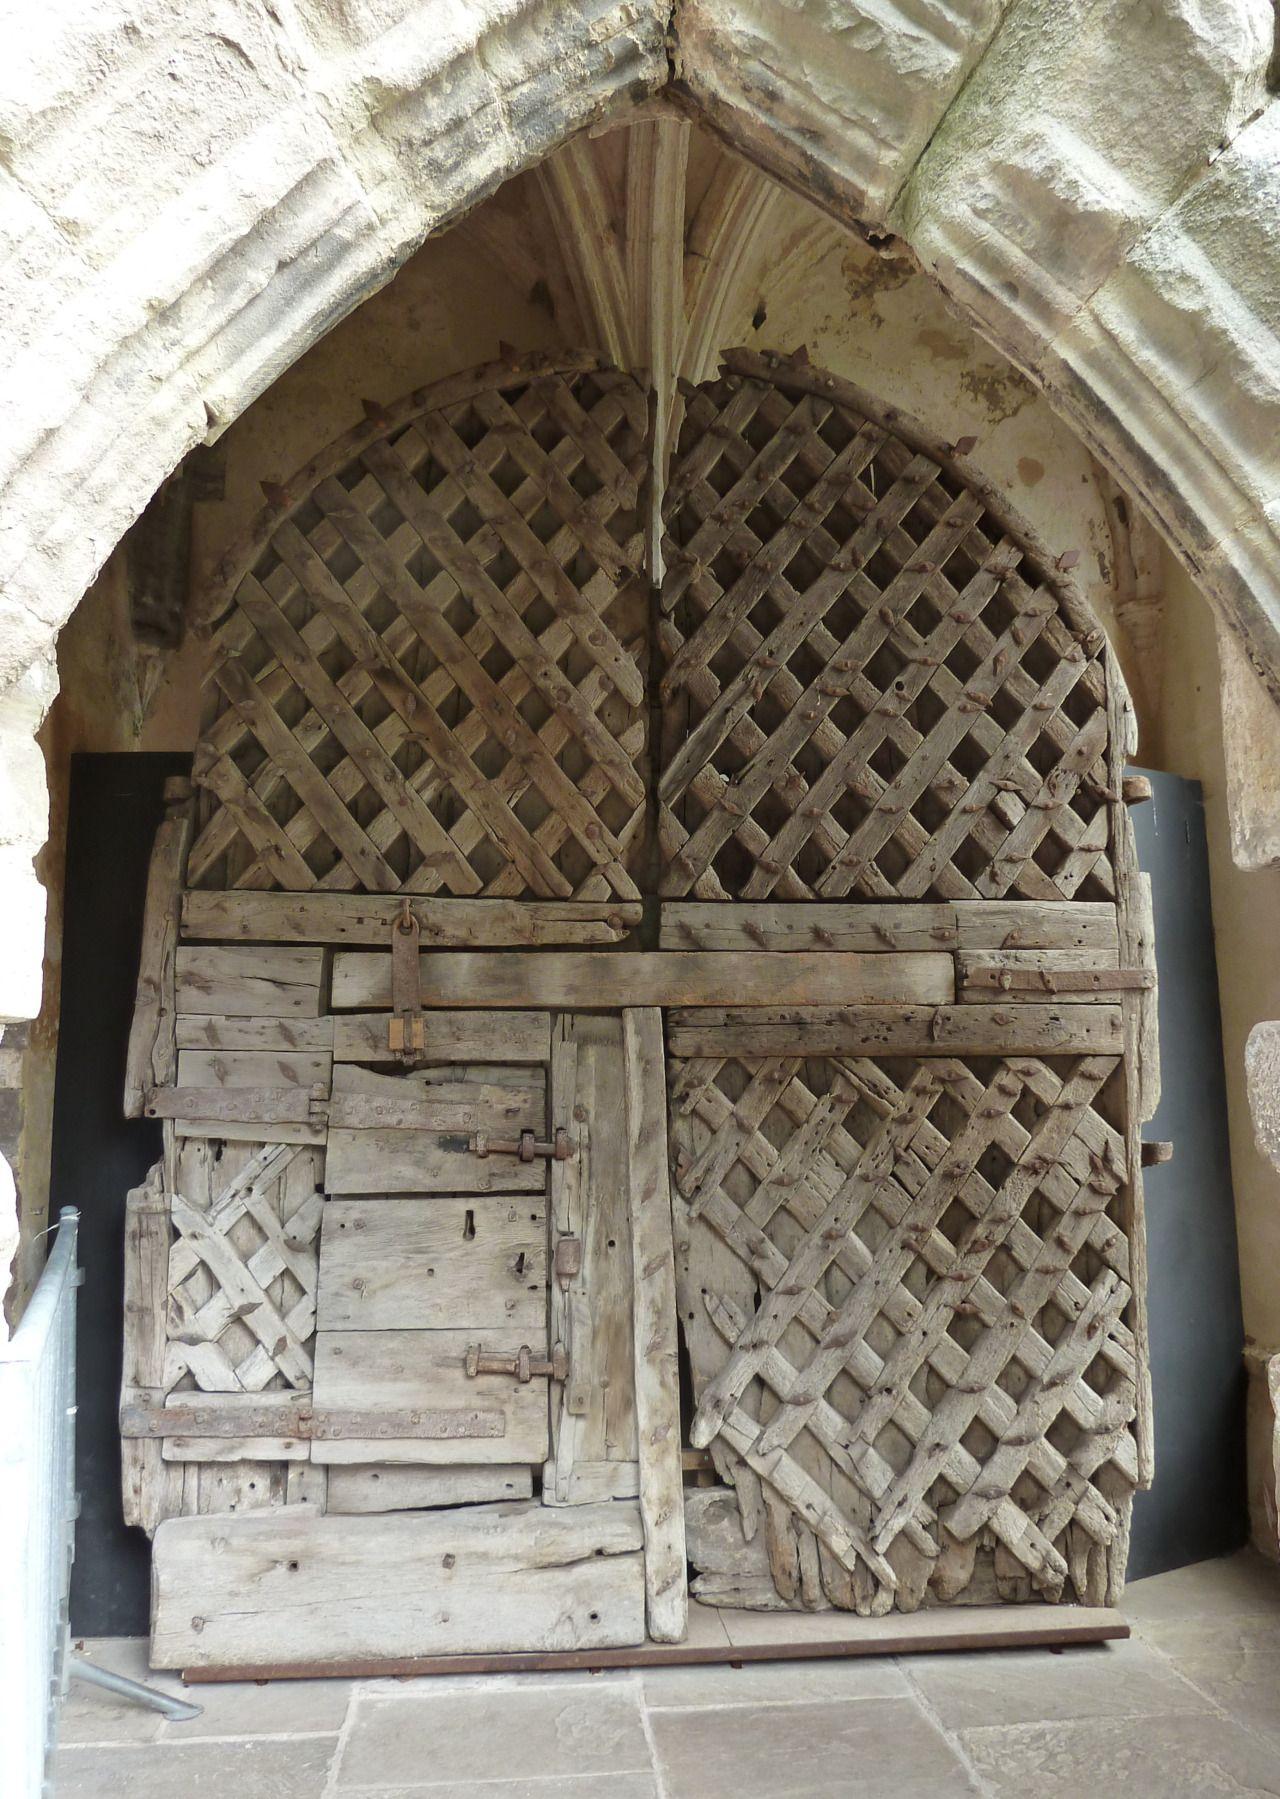 Latticework-reinforced door Chepstow Castle These... - Museum of artifacts & Latticework-reinforced door Chepstow Castle These... - Museum of ... pezcame.com